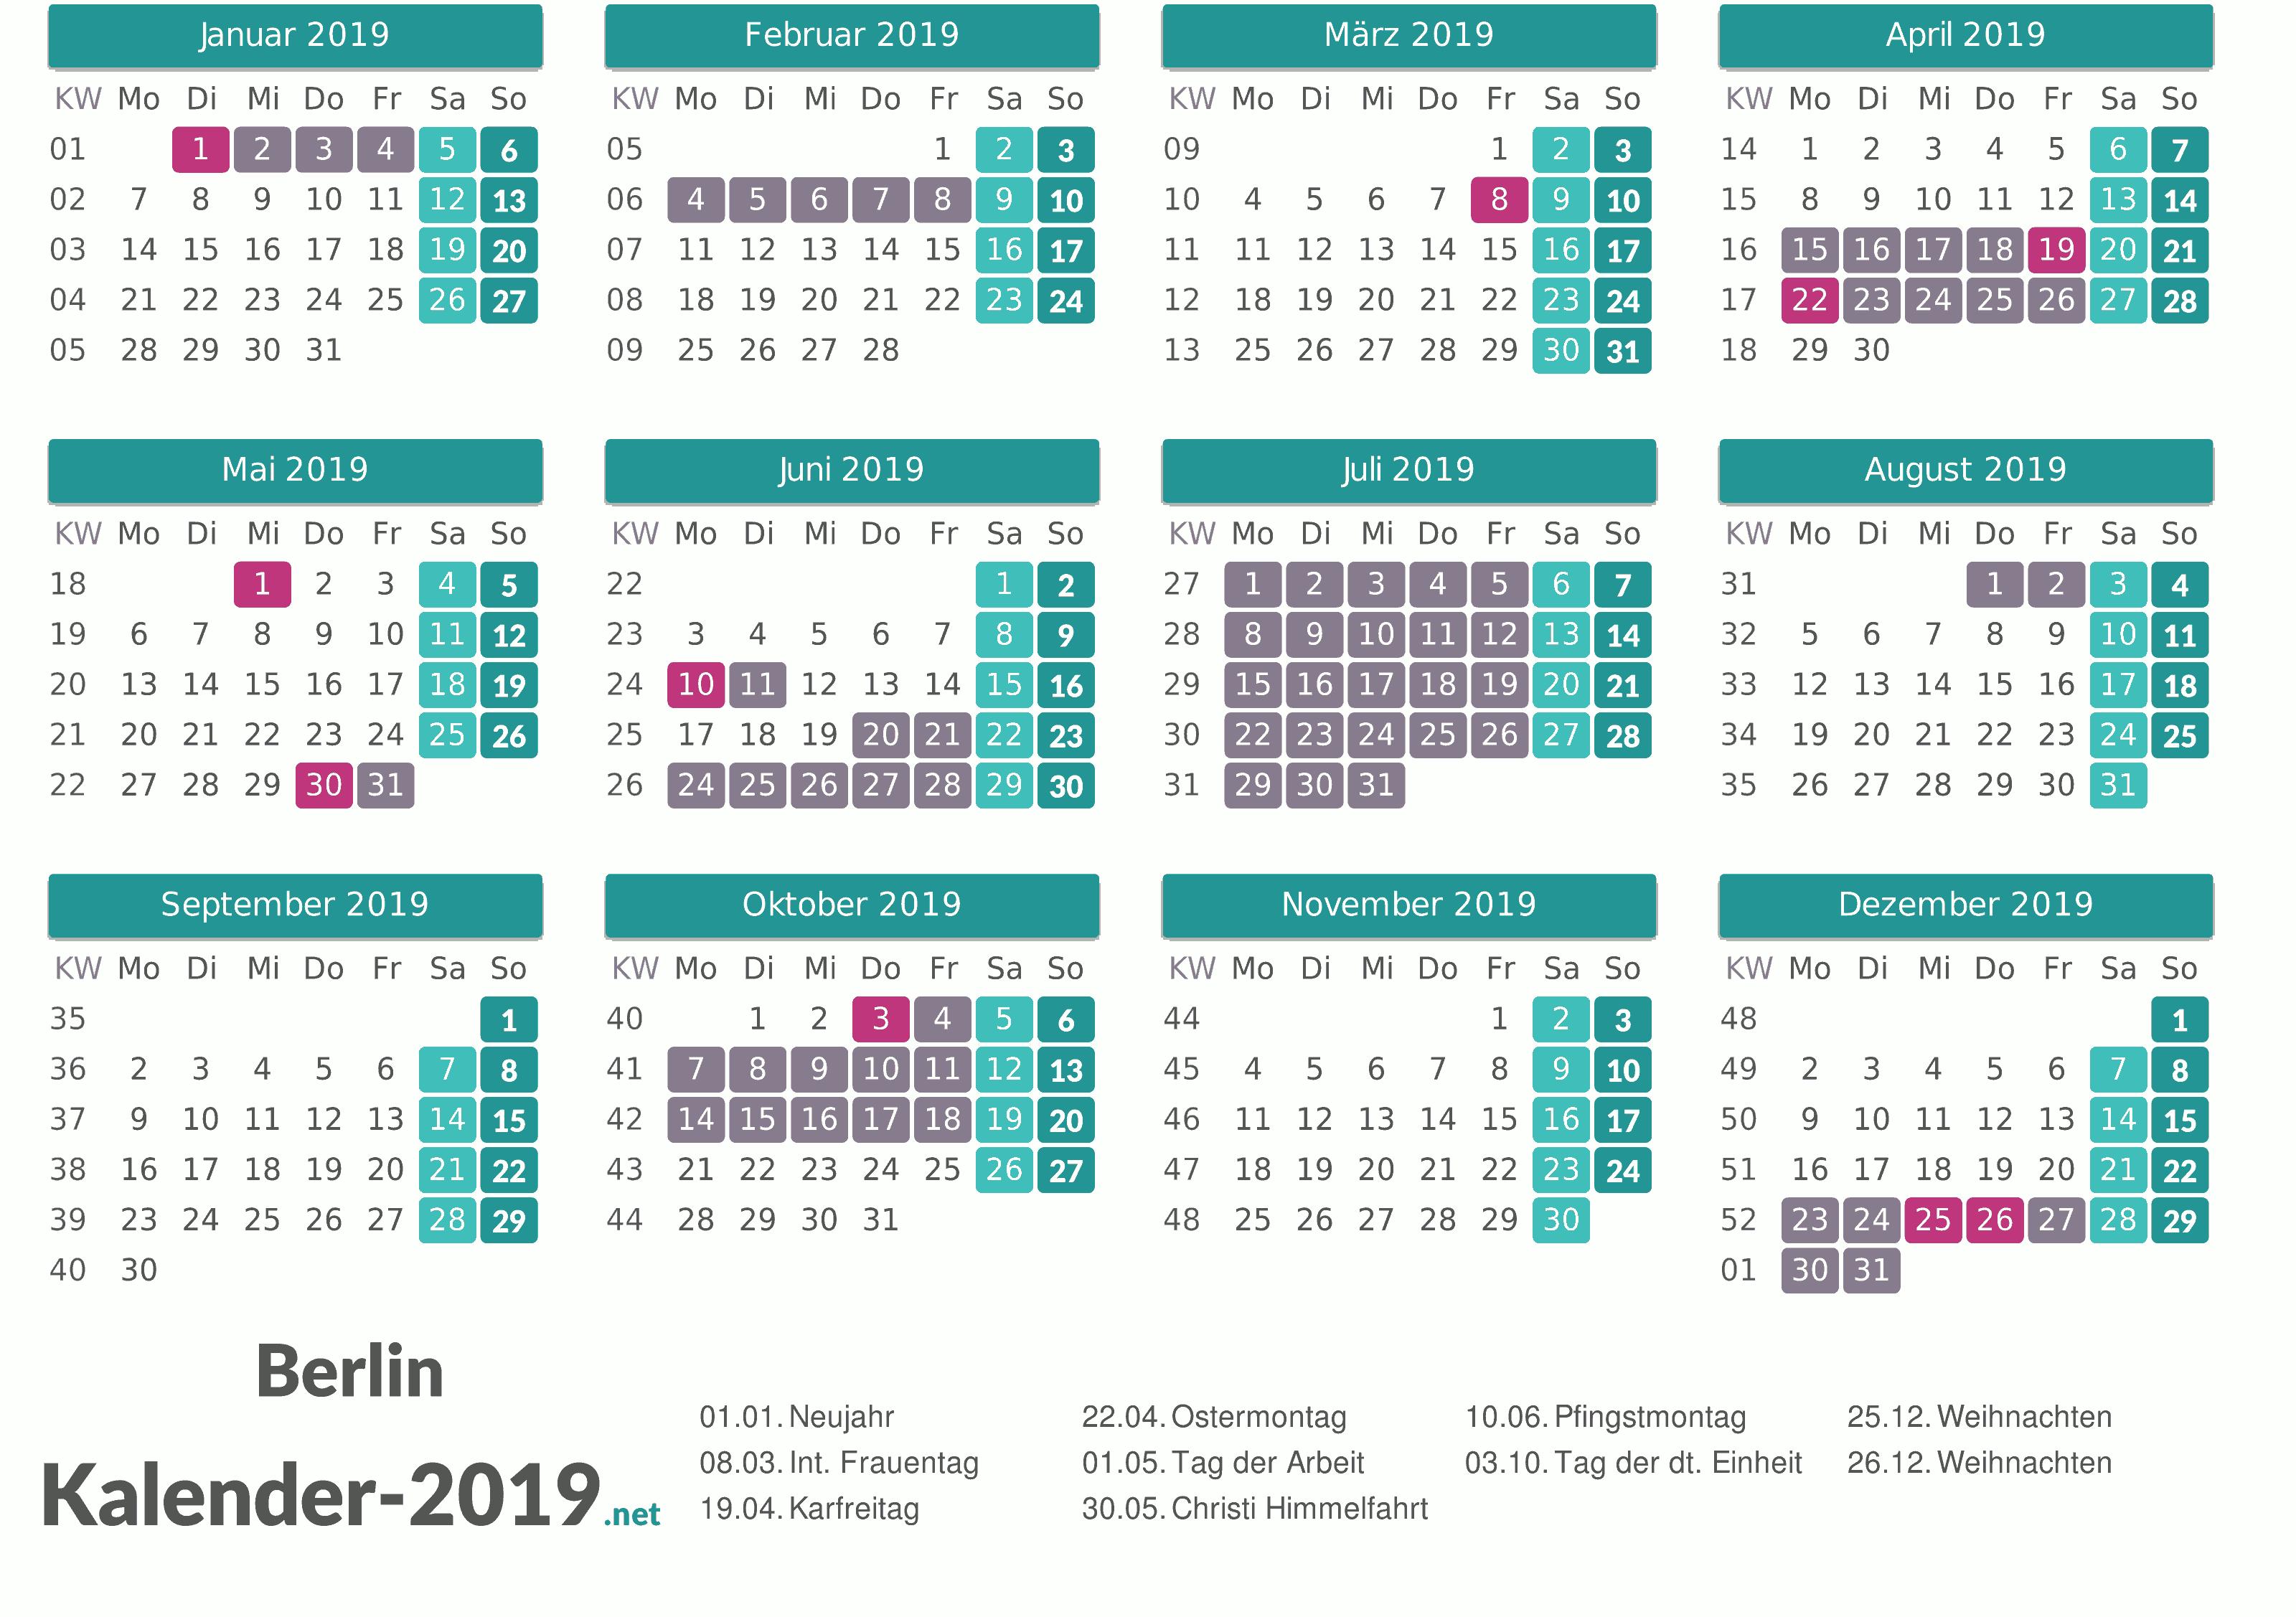 Weihnachten 2019 Berlin.Ferien Berlin 2019 Ferienkalender übersicht